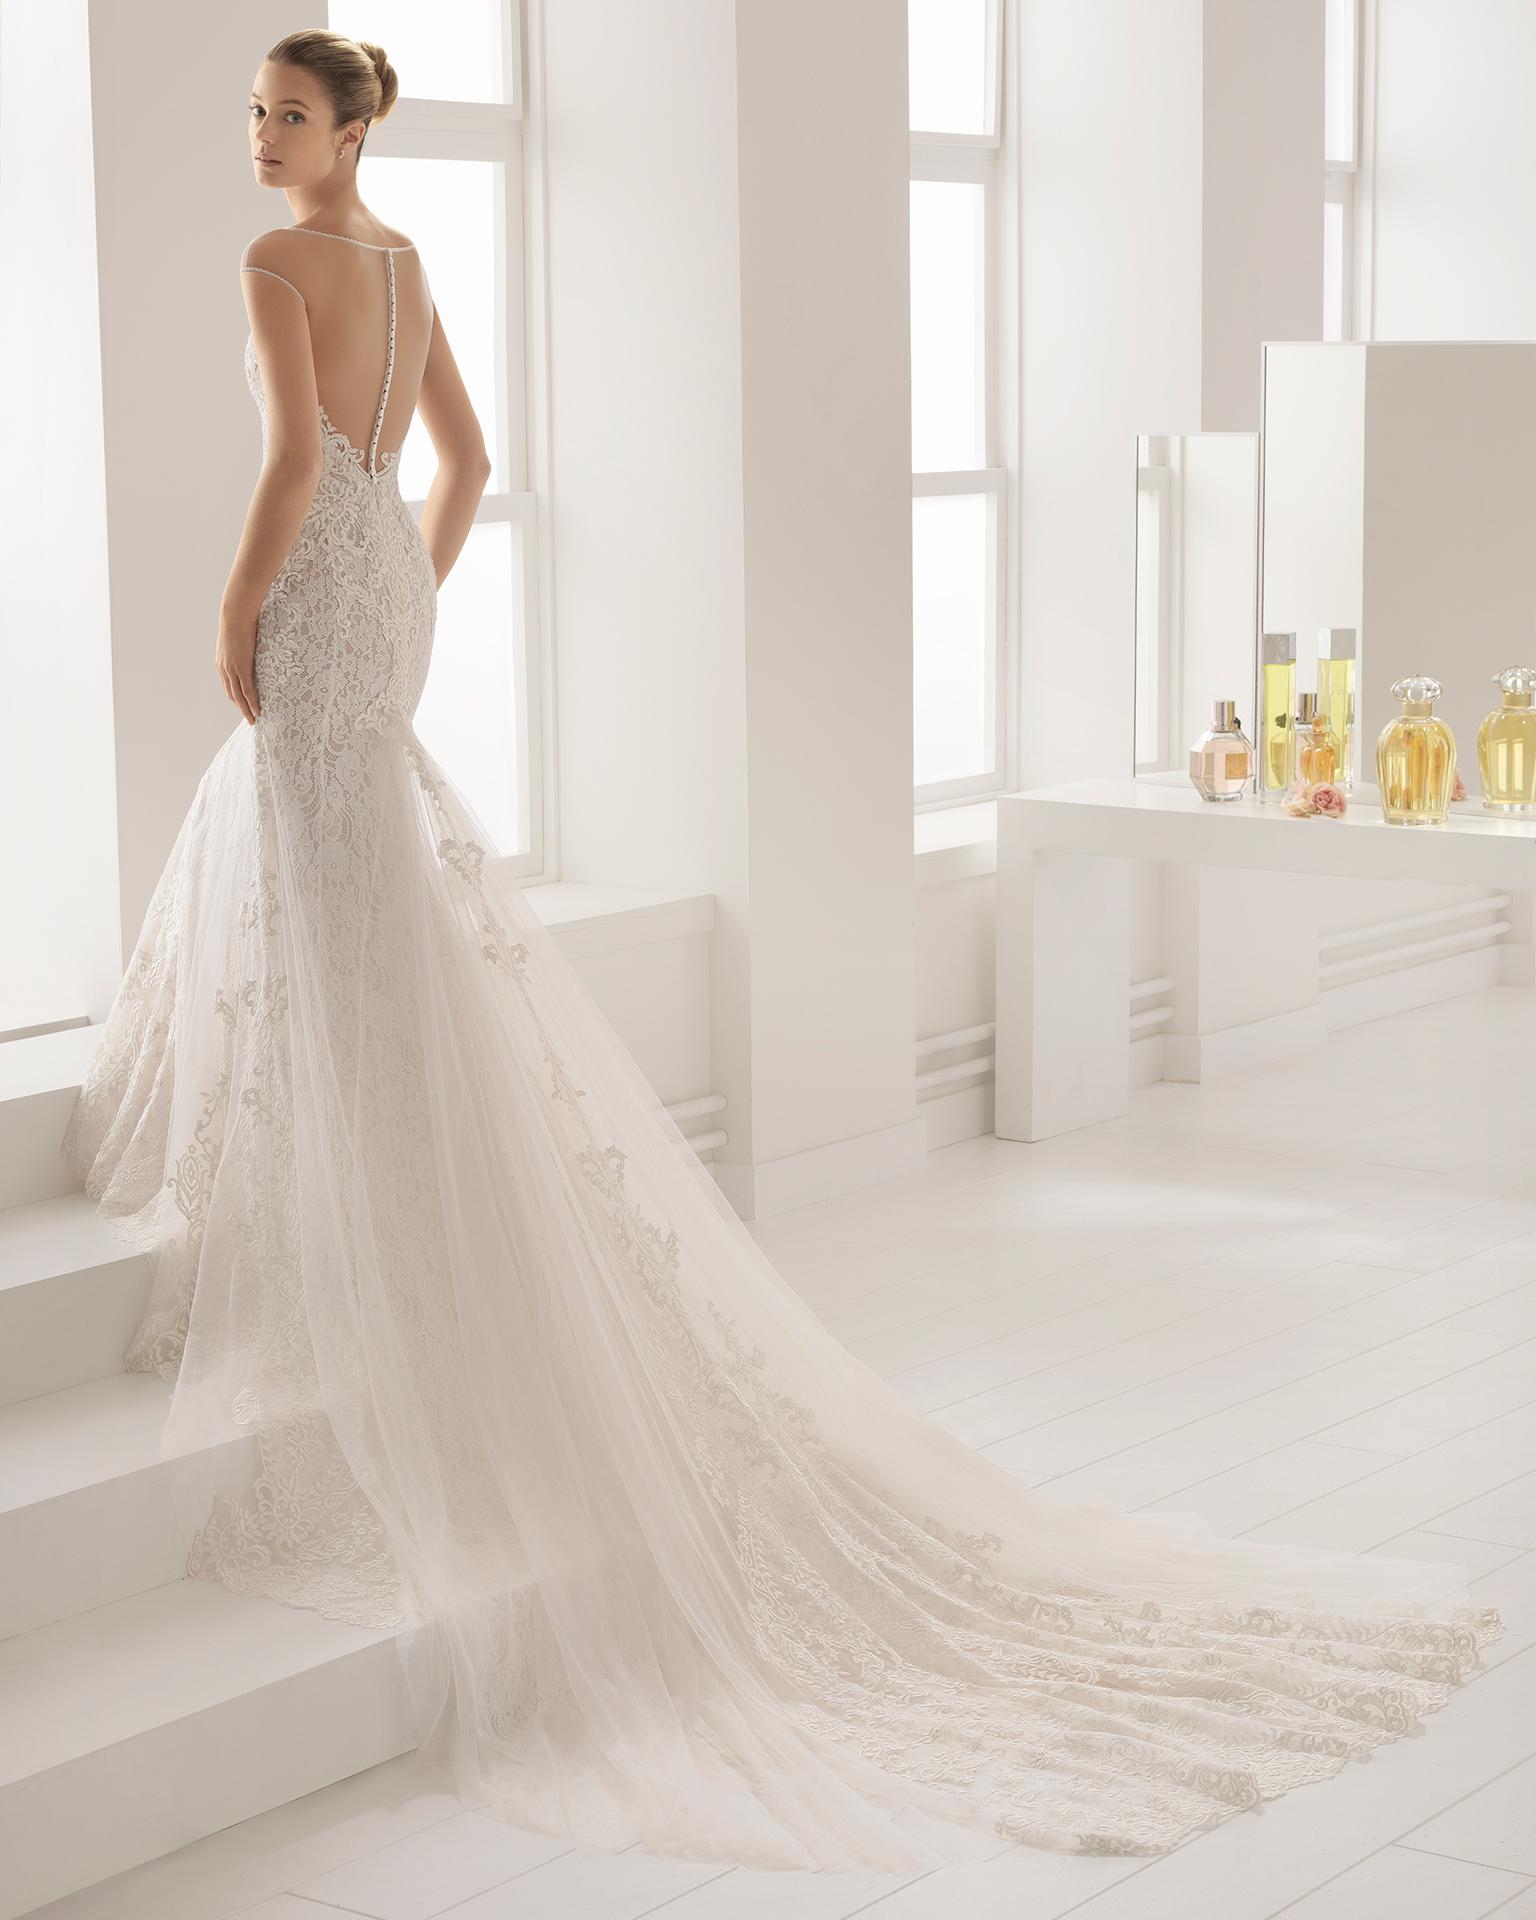 Vestido de novia corte sirena en encaje con transparencias y pedrería con escote ilusión y espalda con efecto tattoo.